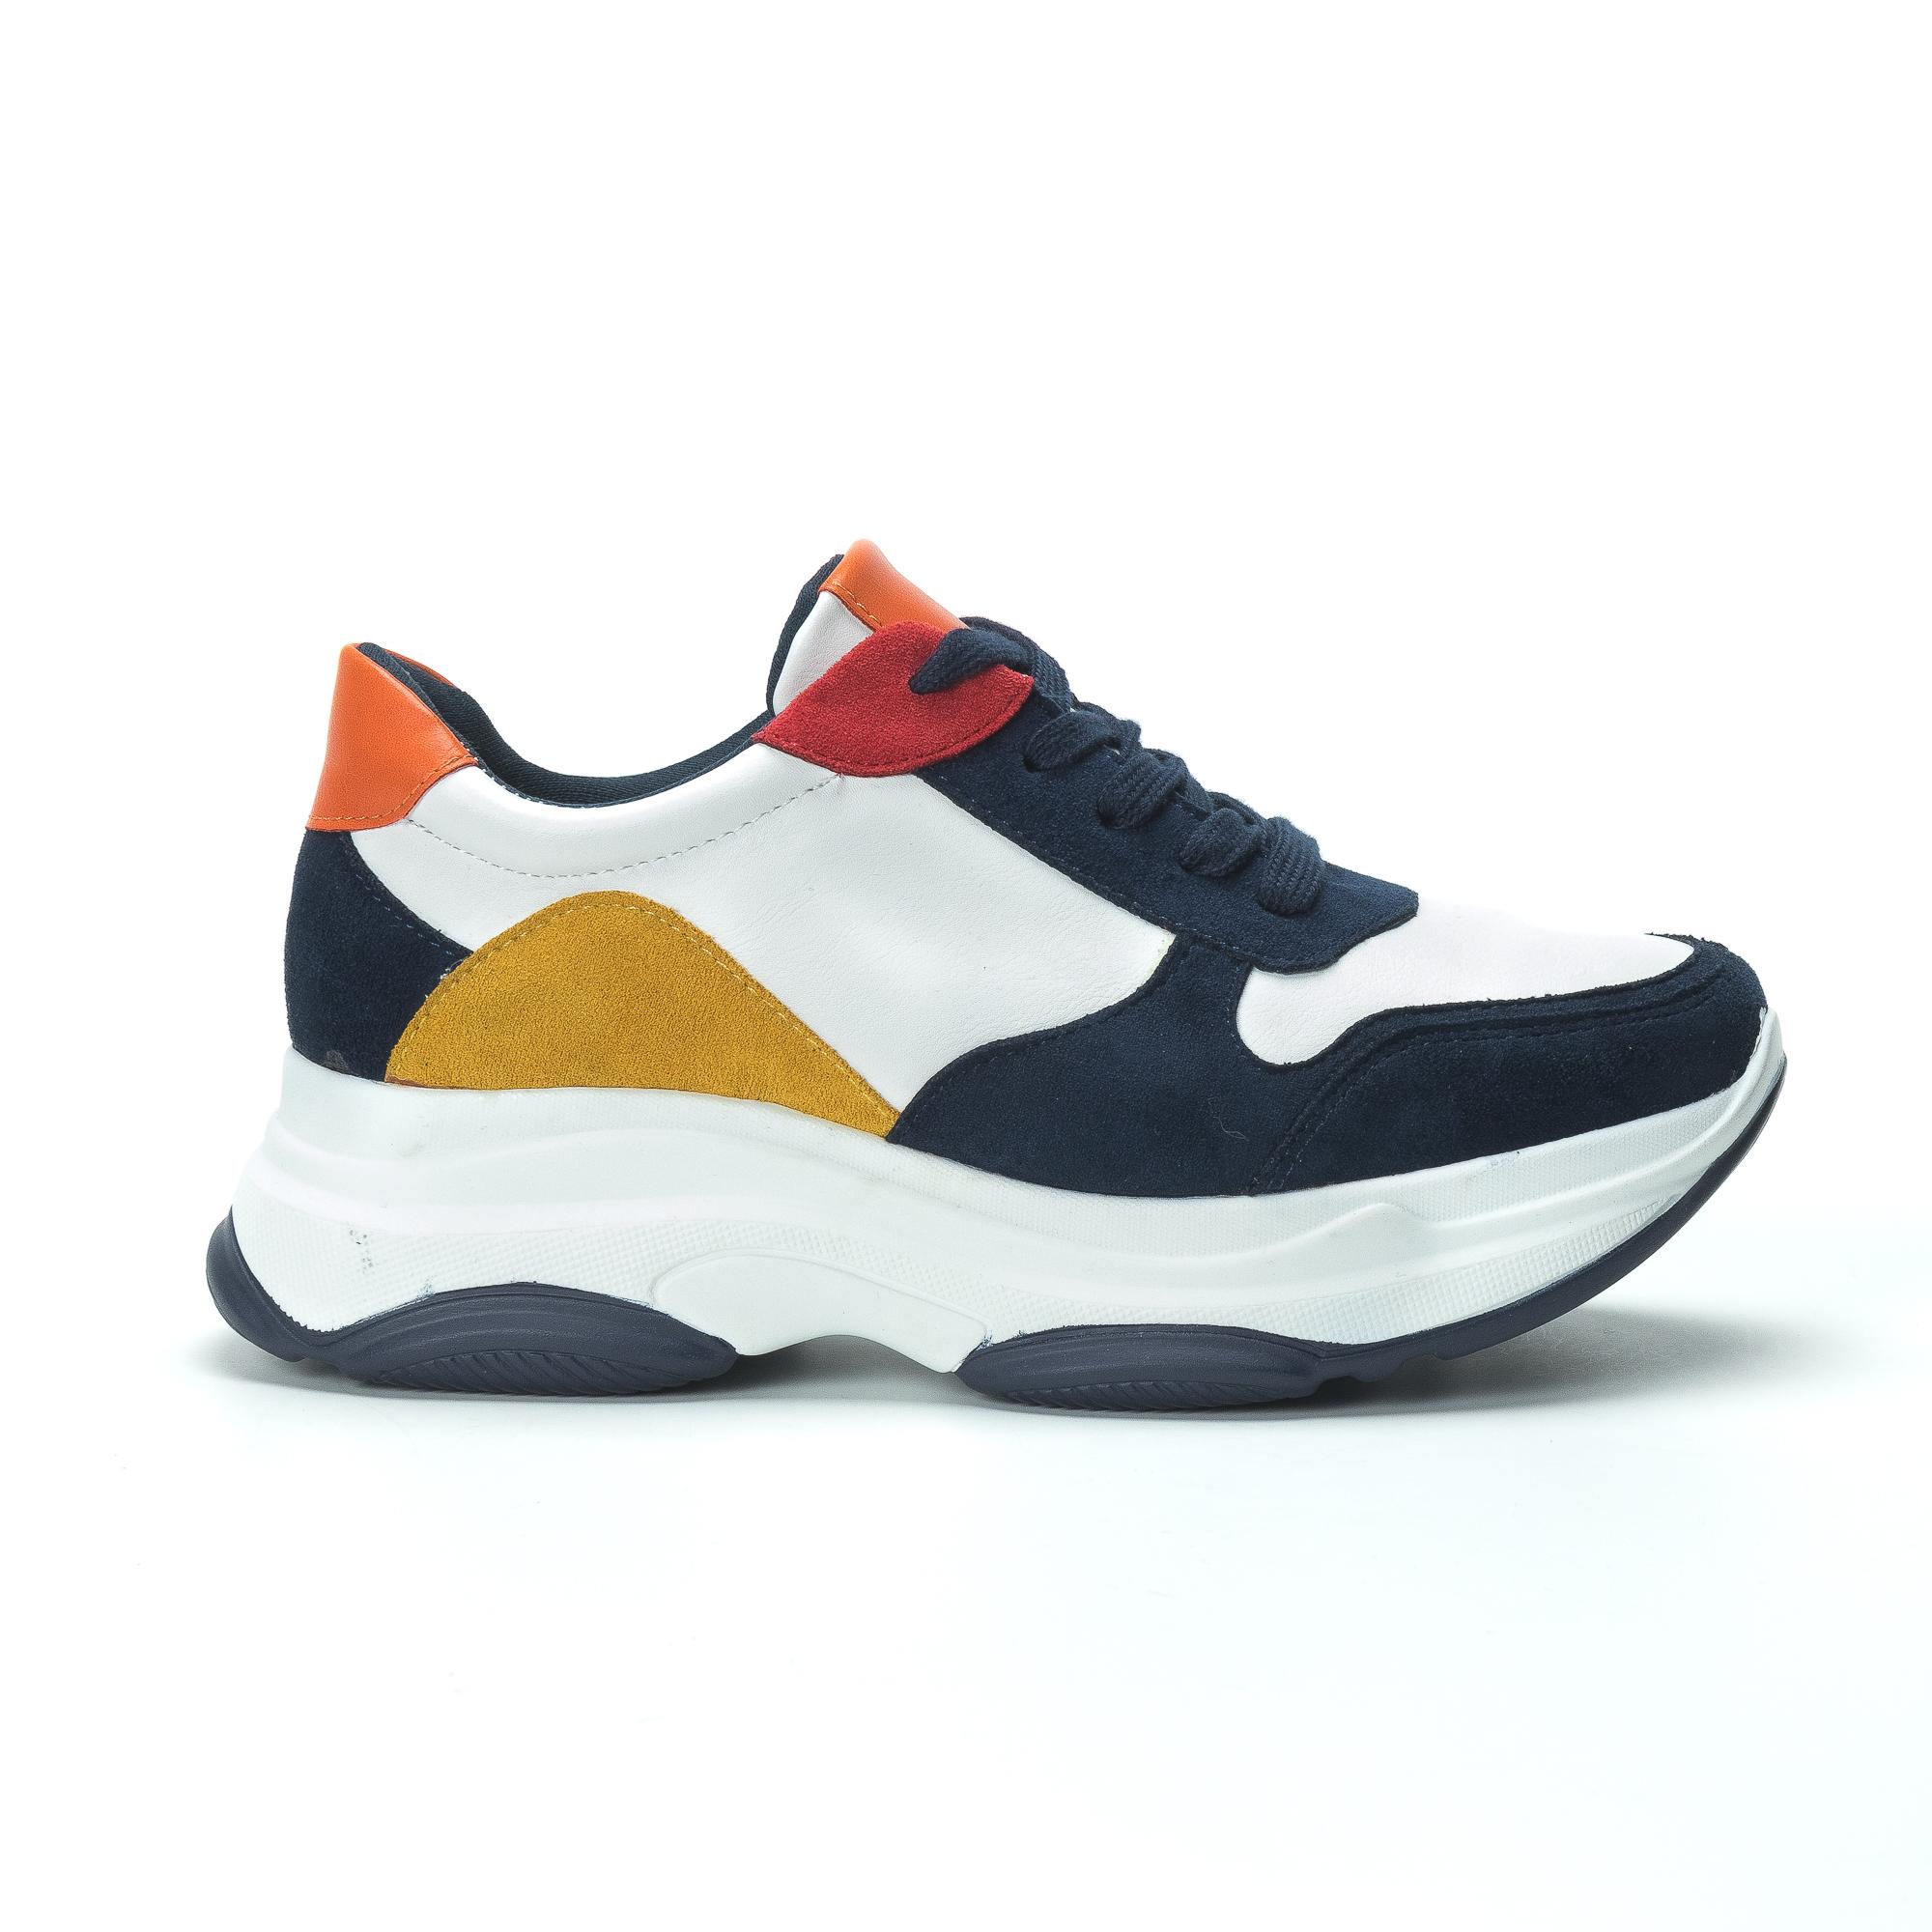 Γυναικεία πολύχρωμα sneakers με πλατφόρμα 70136 ⋆ EliteShoes.gr e2ff5ae5a2e